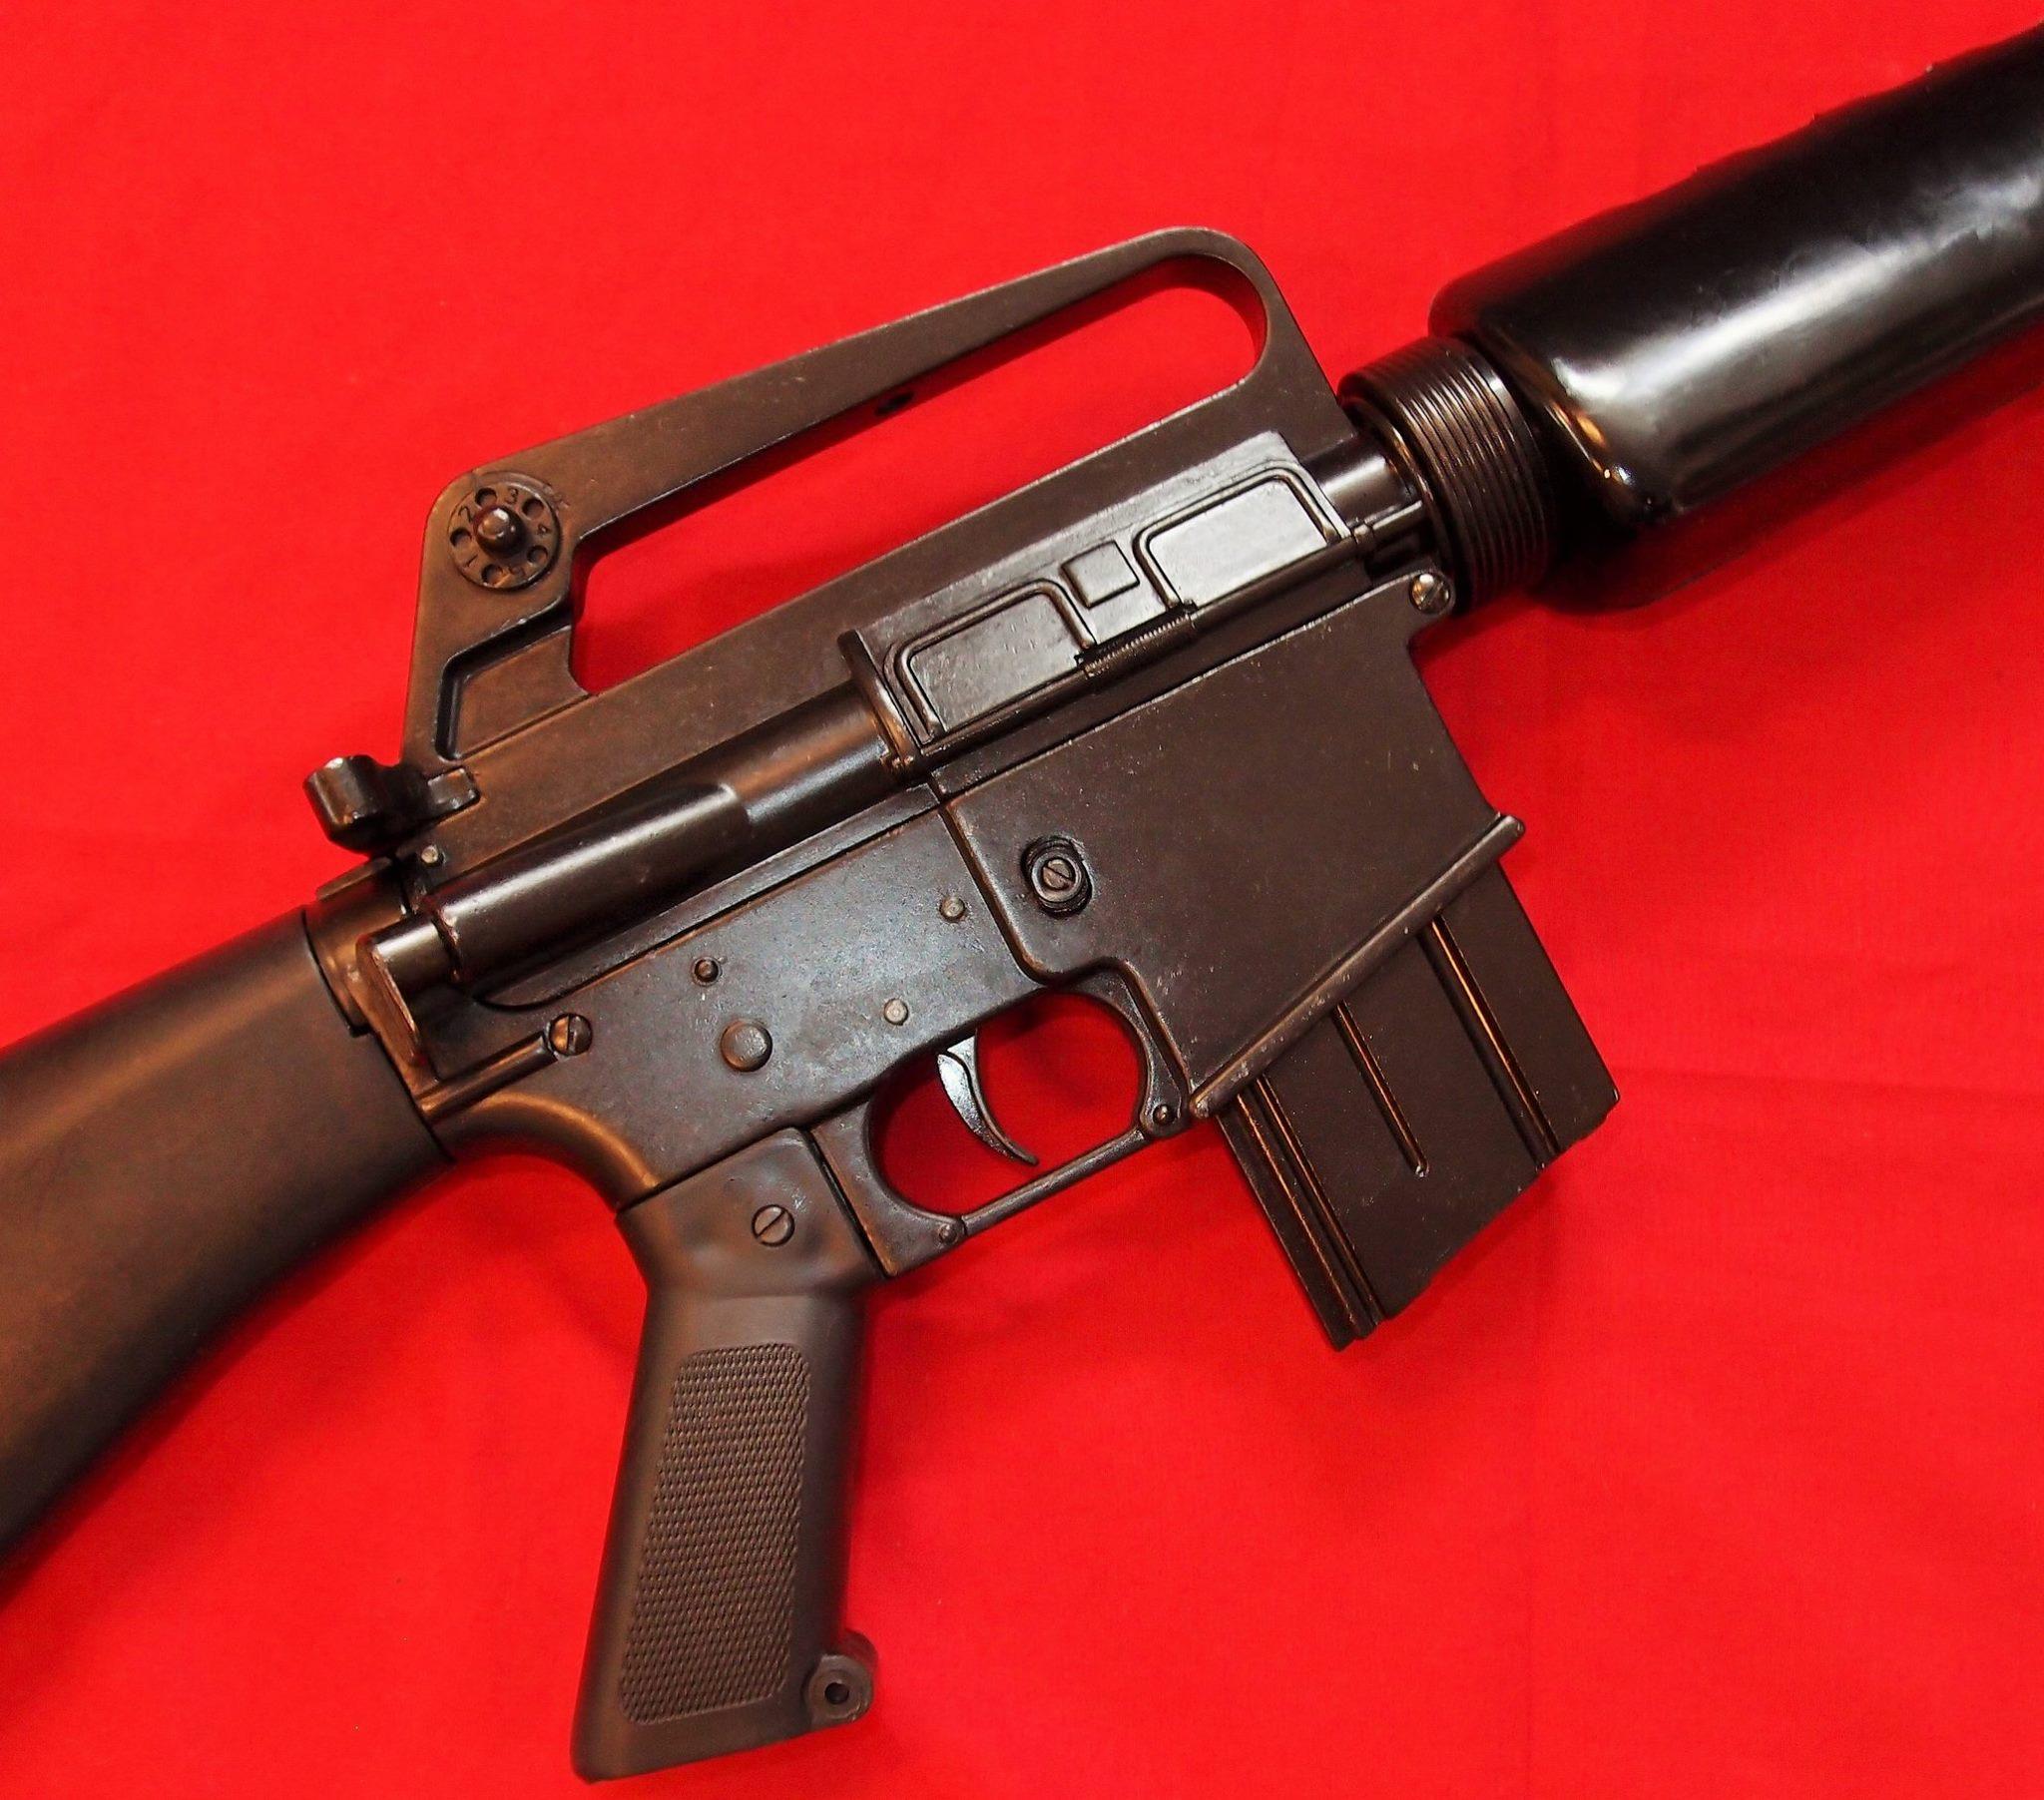 REPLICA M16 US ASSAULT RIFLE DENIX GUN